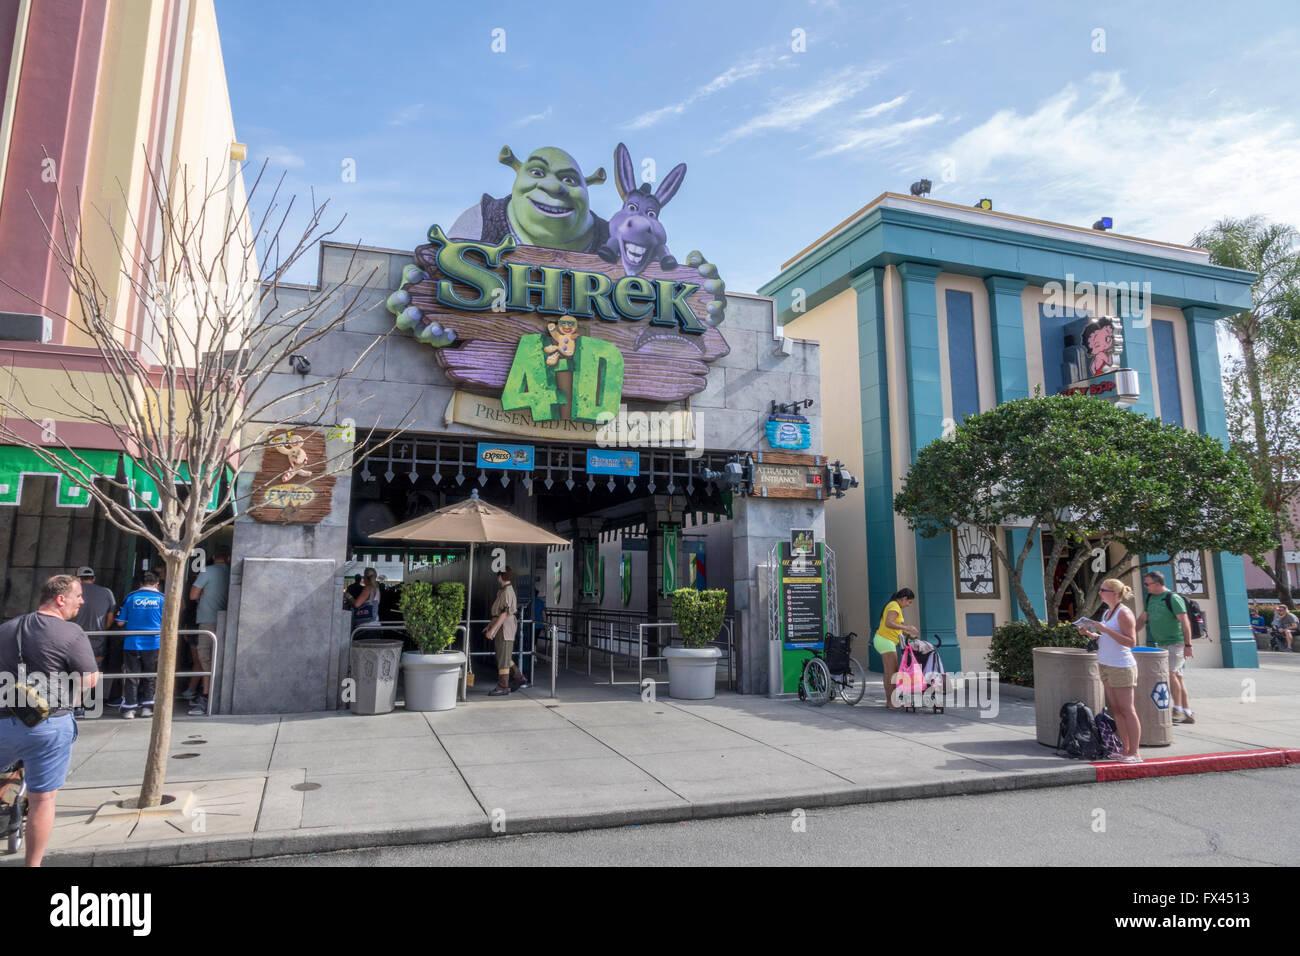 Universal Pictures est une société de production cinématographique américaine appartenant à Comcast. Au sein de sa filiale NBCUniversal, elle fait partie d'Universal Studios.